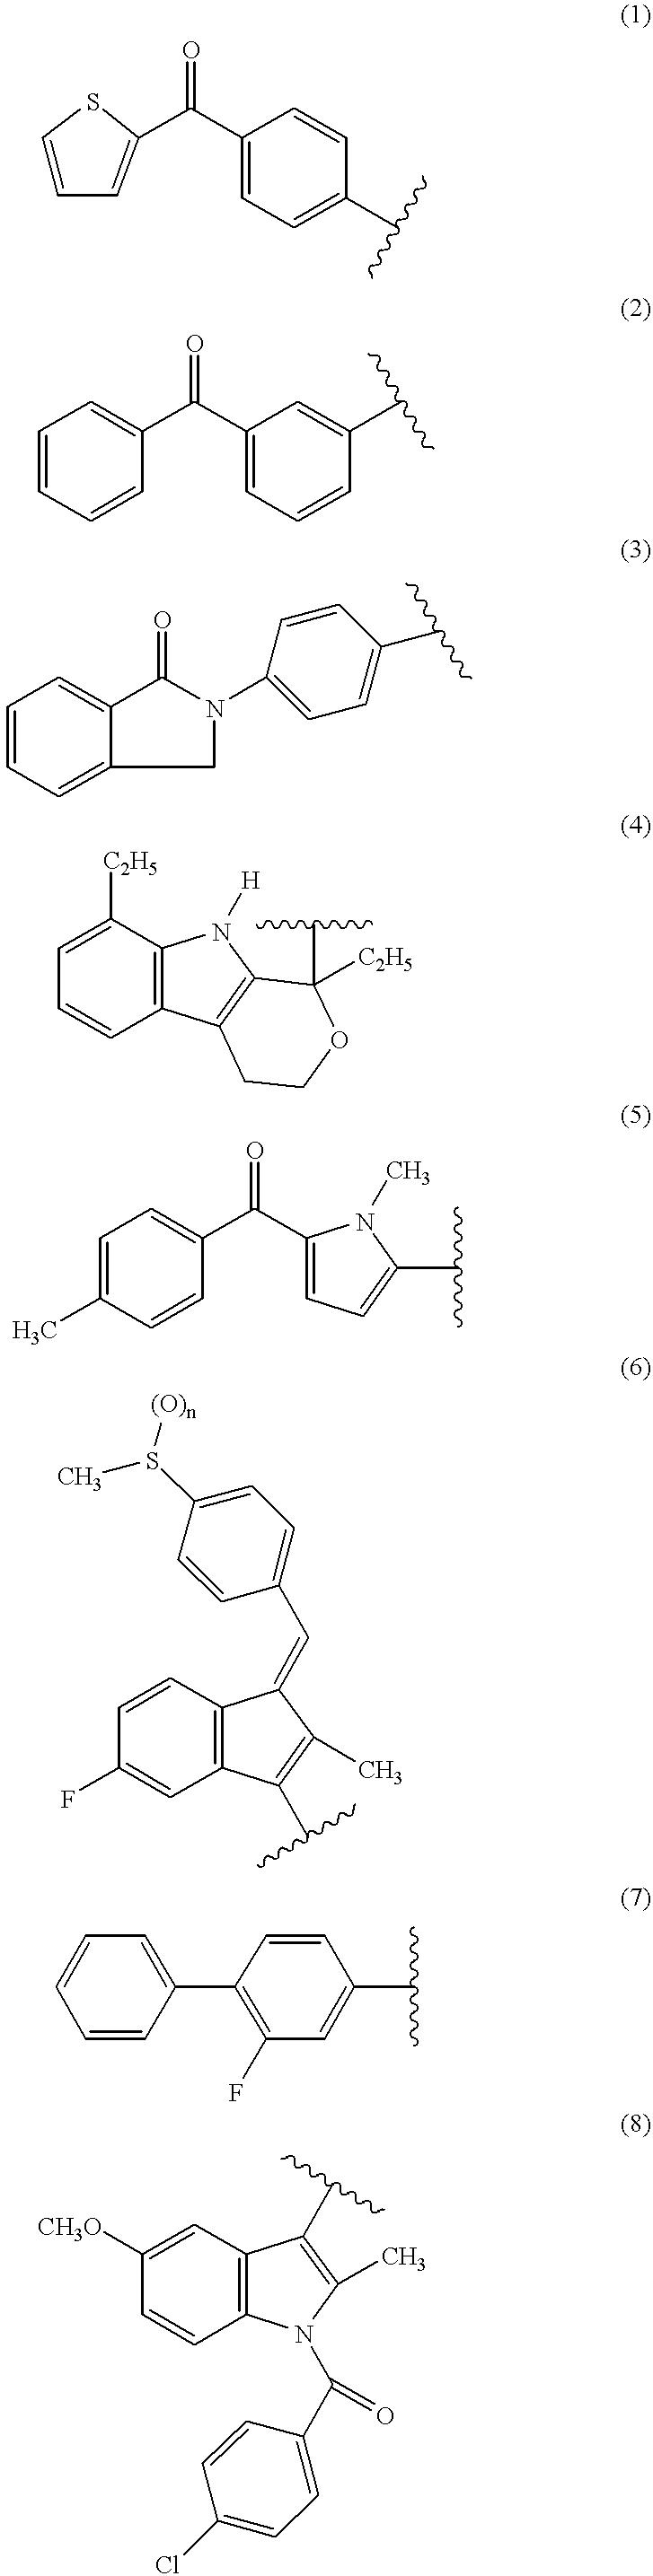 Figure US06297260-20011002-C00016